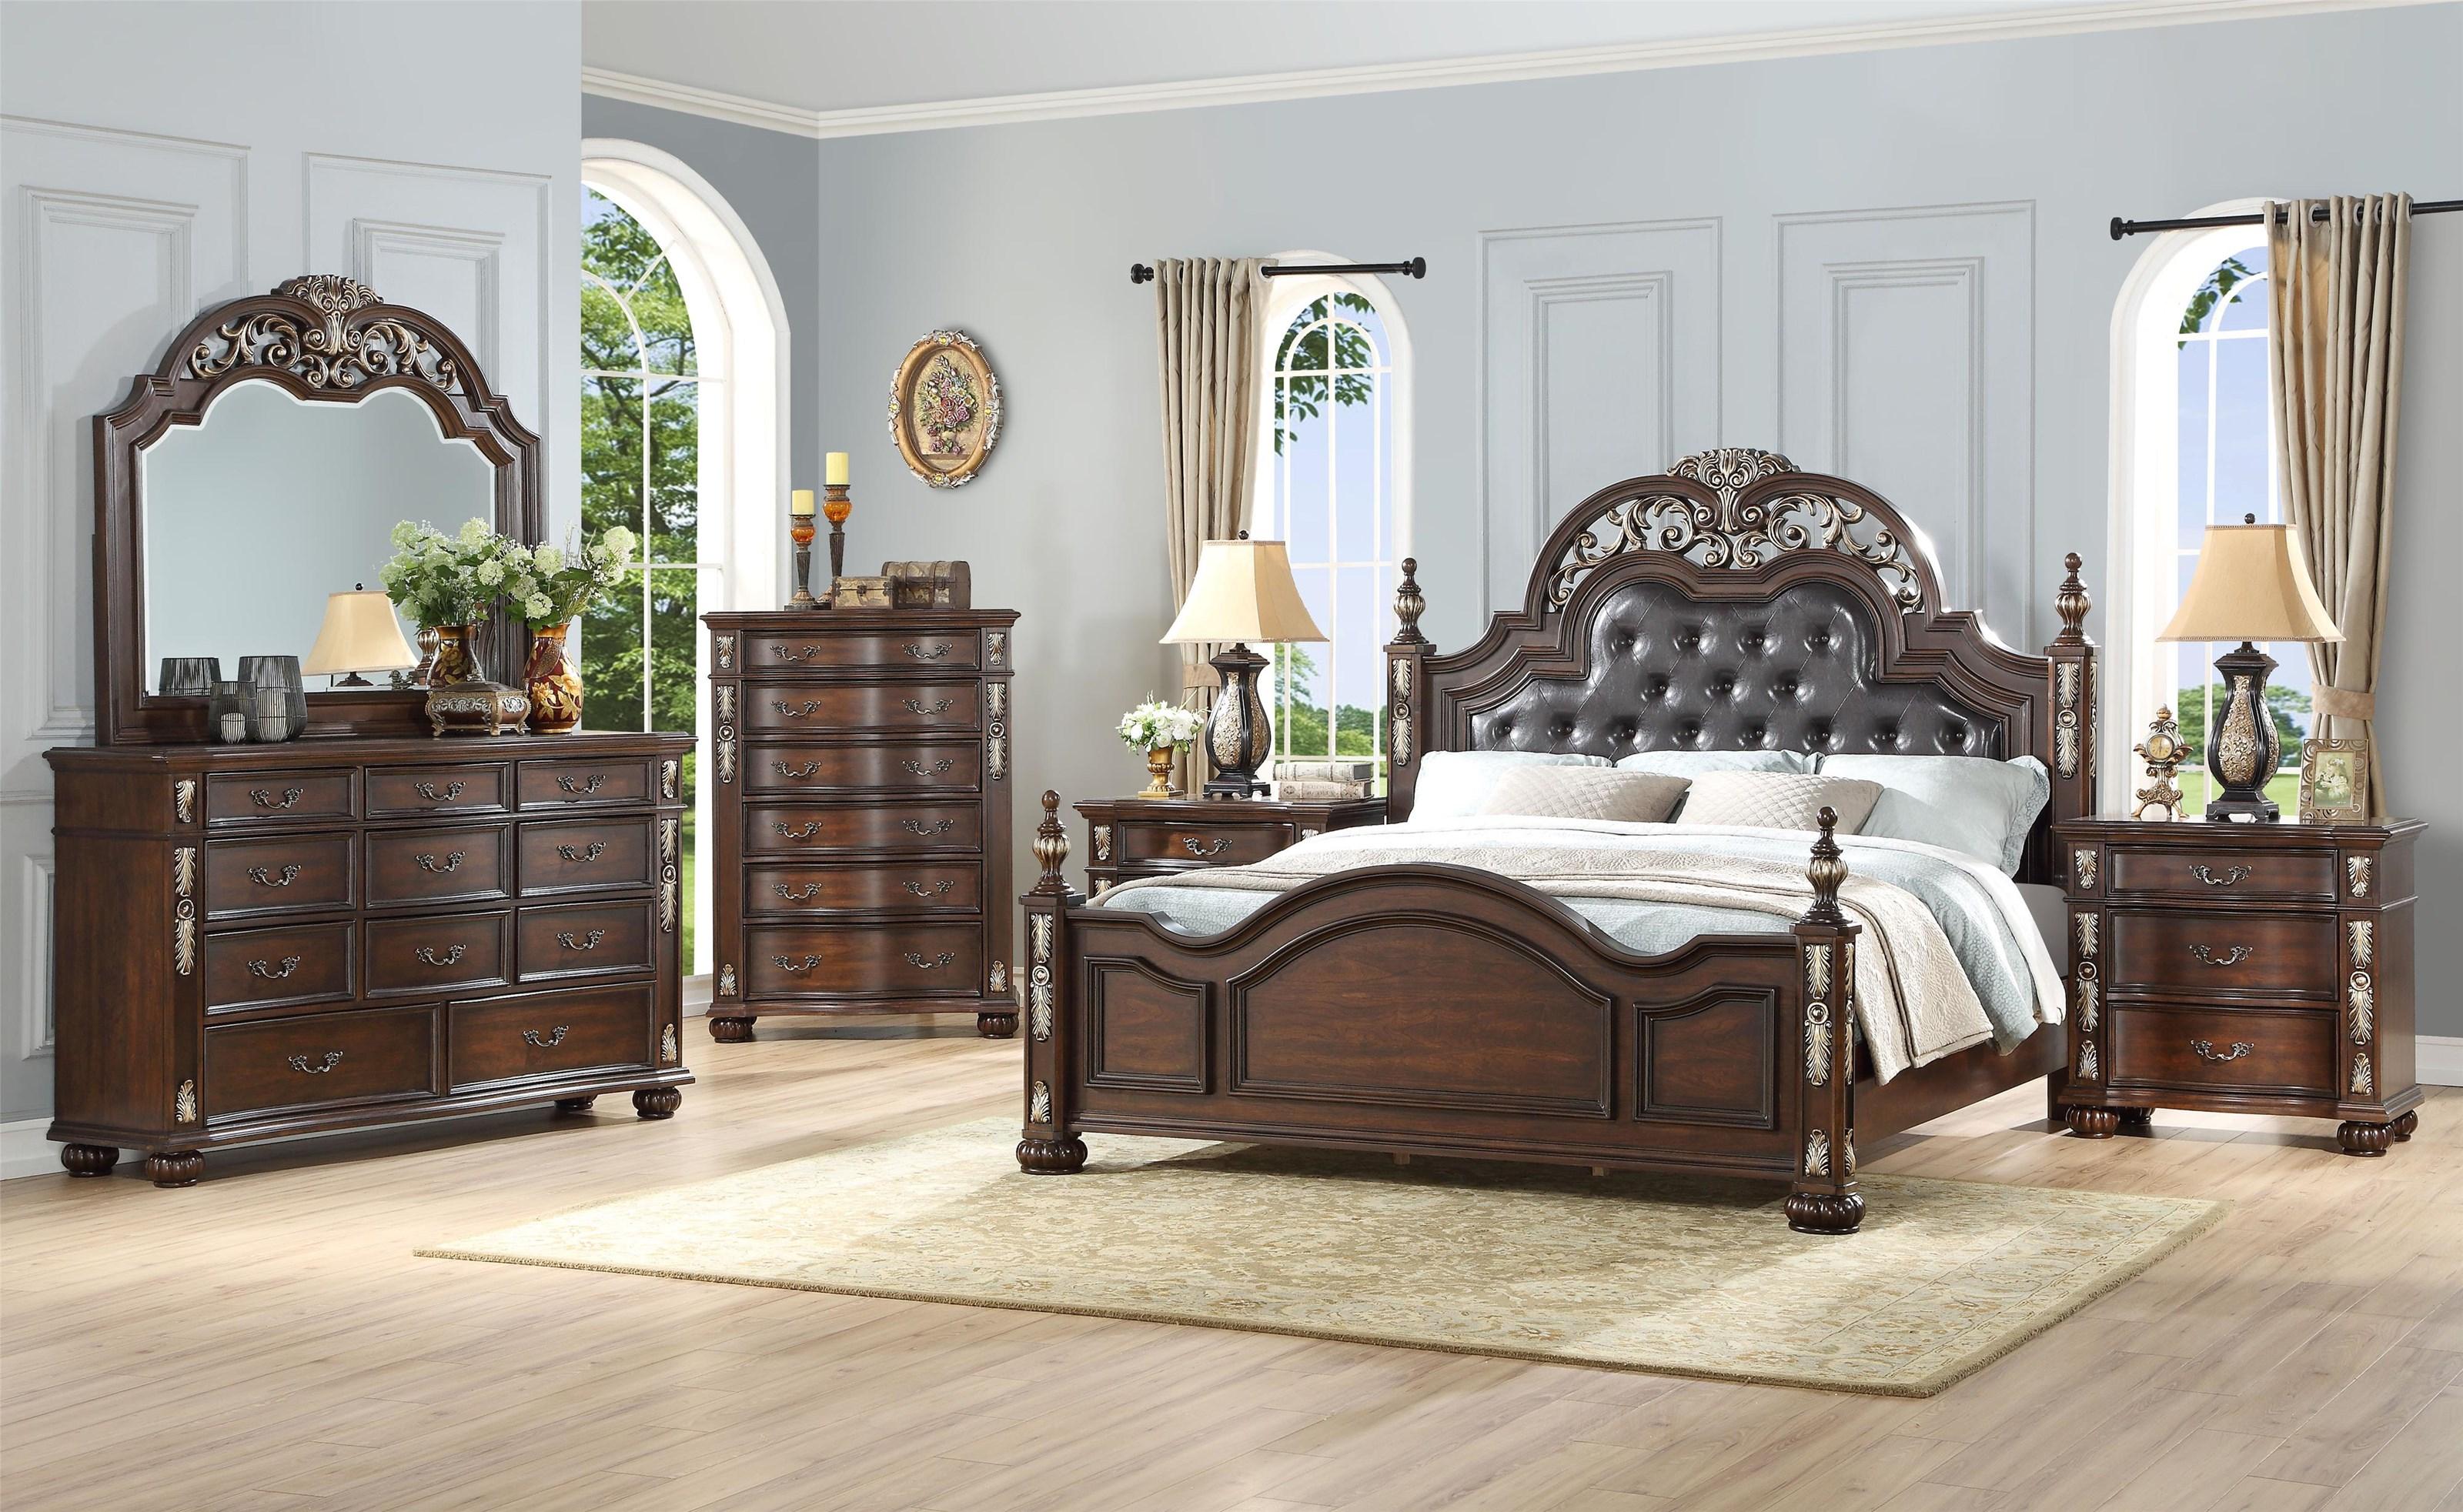 5 PC Queen Bedroom